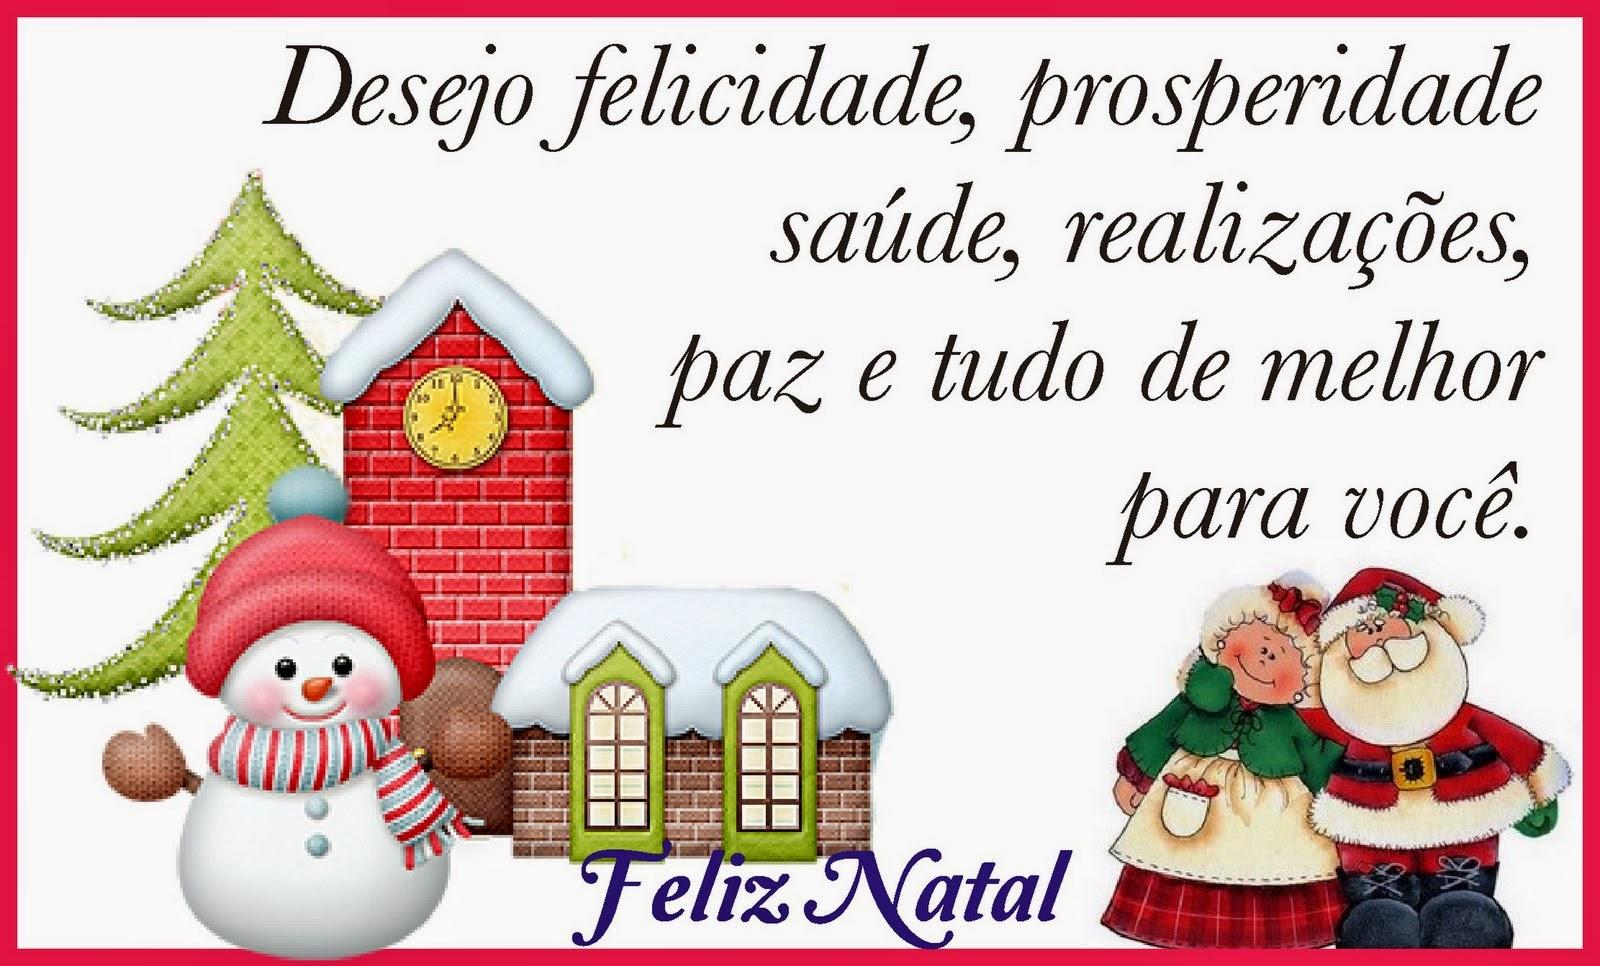 Imagens Bonitas Com Frases De Natal